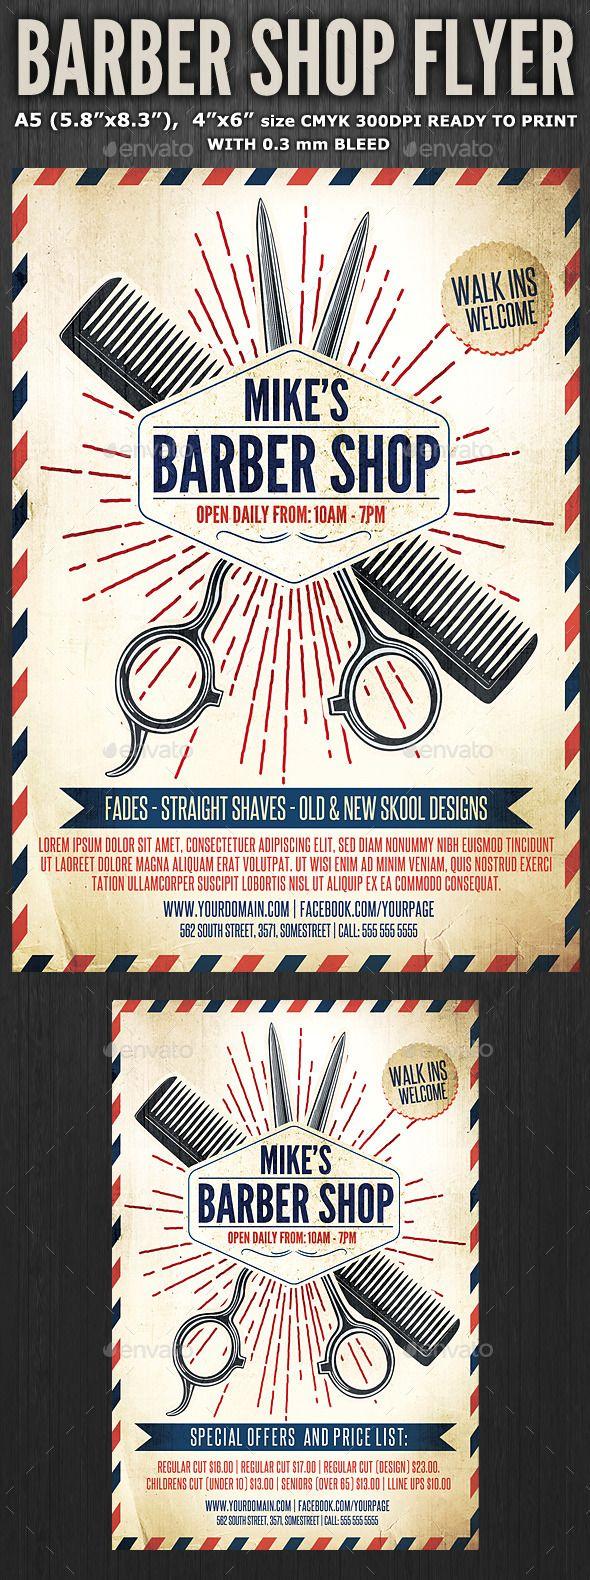 barber shop flyer template 3 barber shop flyer template and barbershop. Black Bedroom Furniture Sets. Home Design Ideas